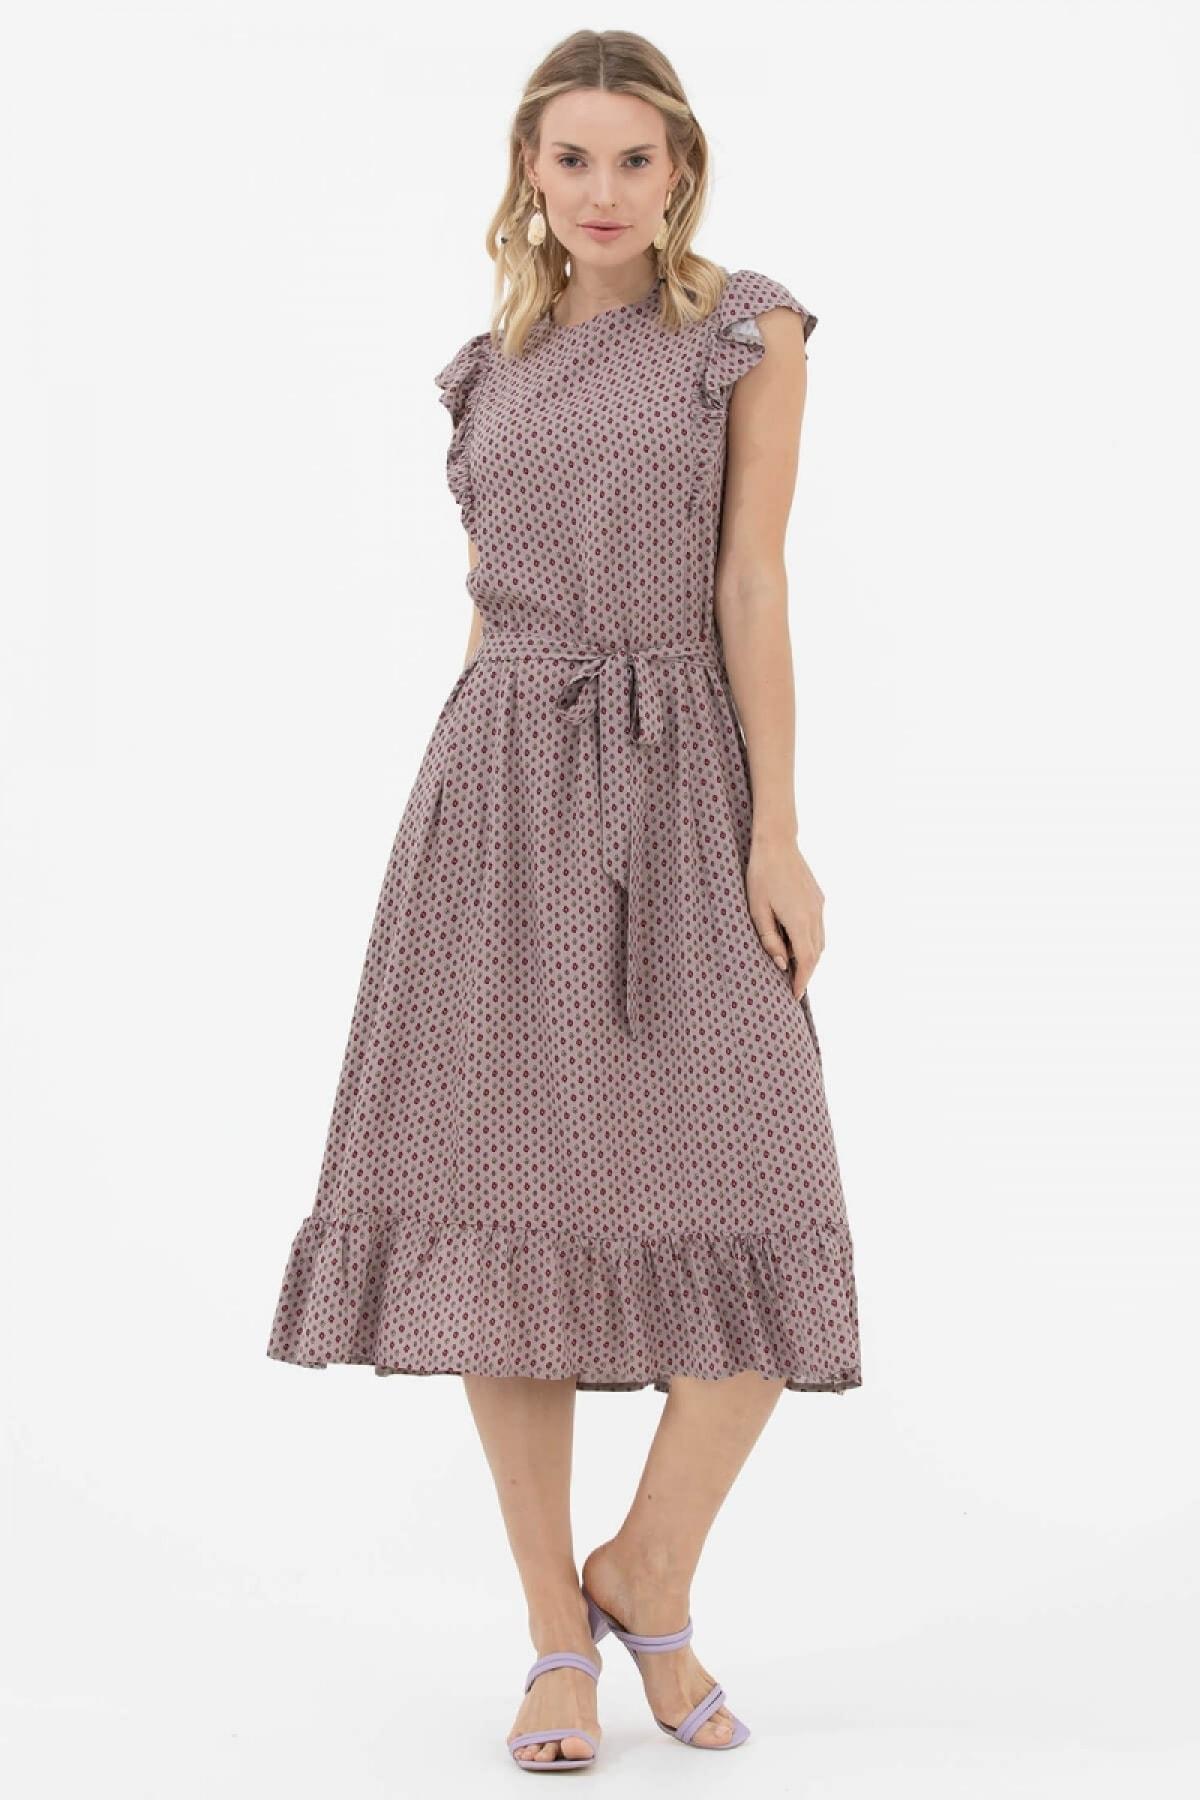 Fırfır Ve Kemer Detaylı Elbise - Taş